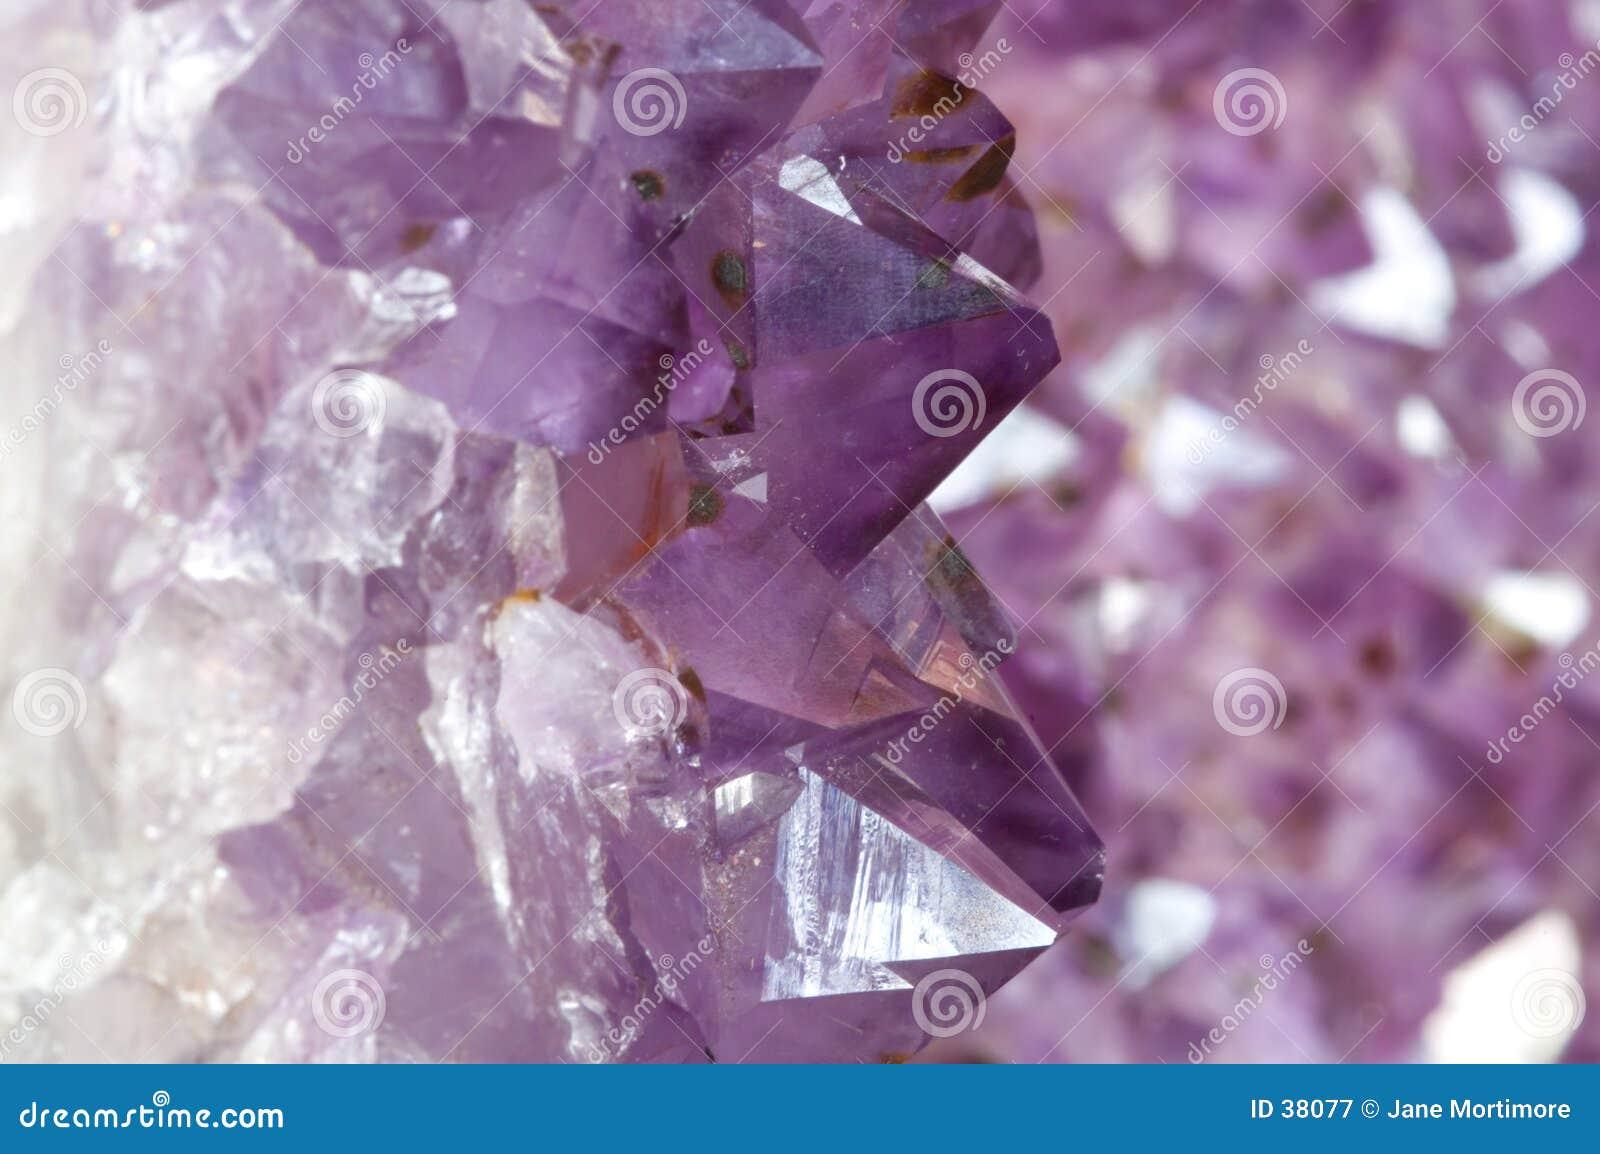 Binnen een Violetkleurige Geode 1